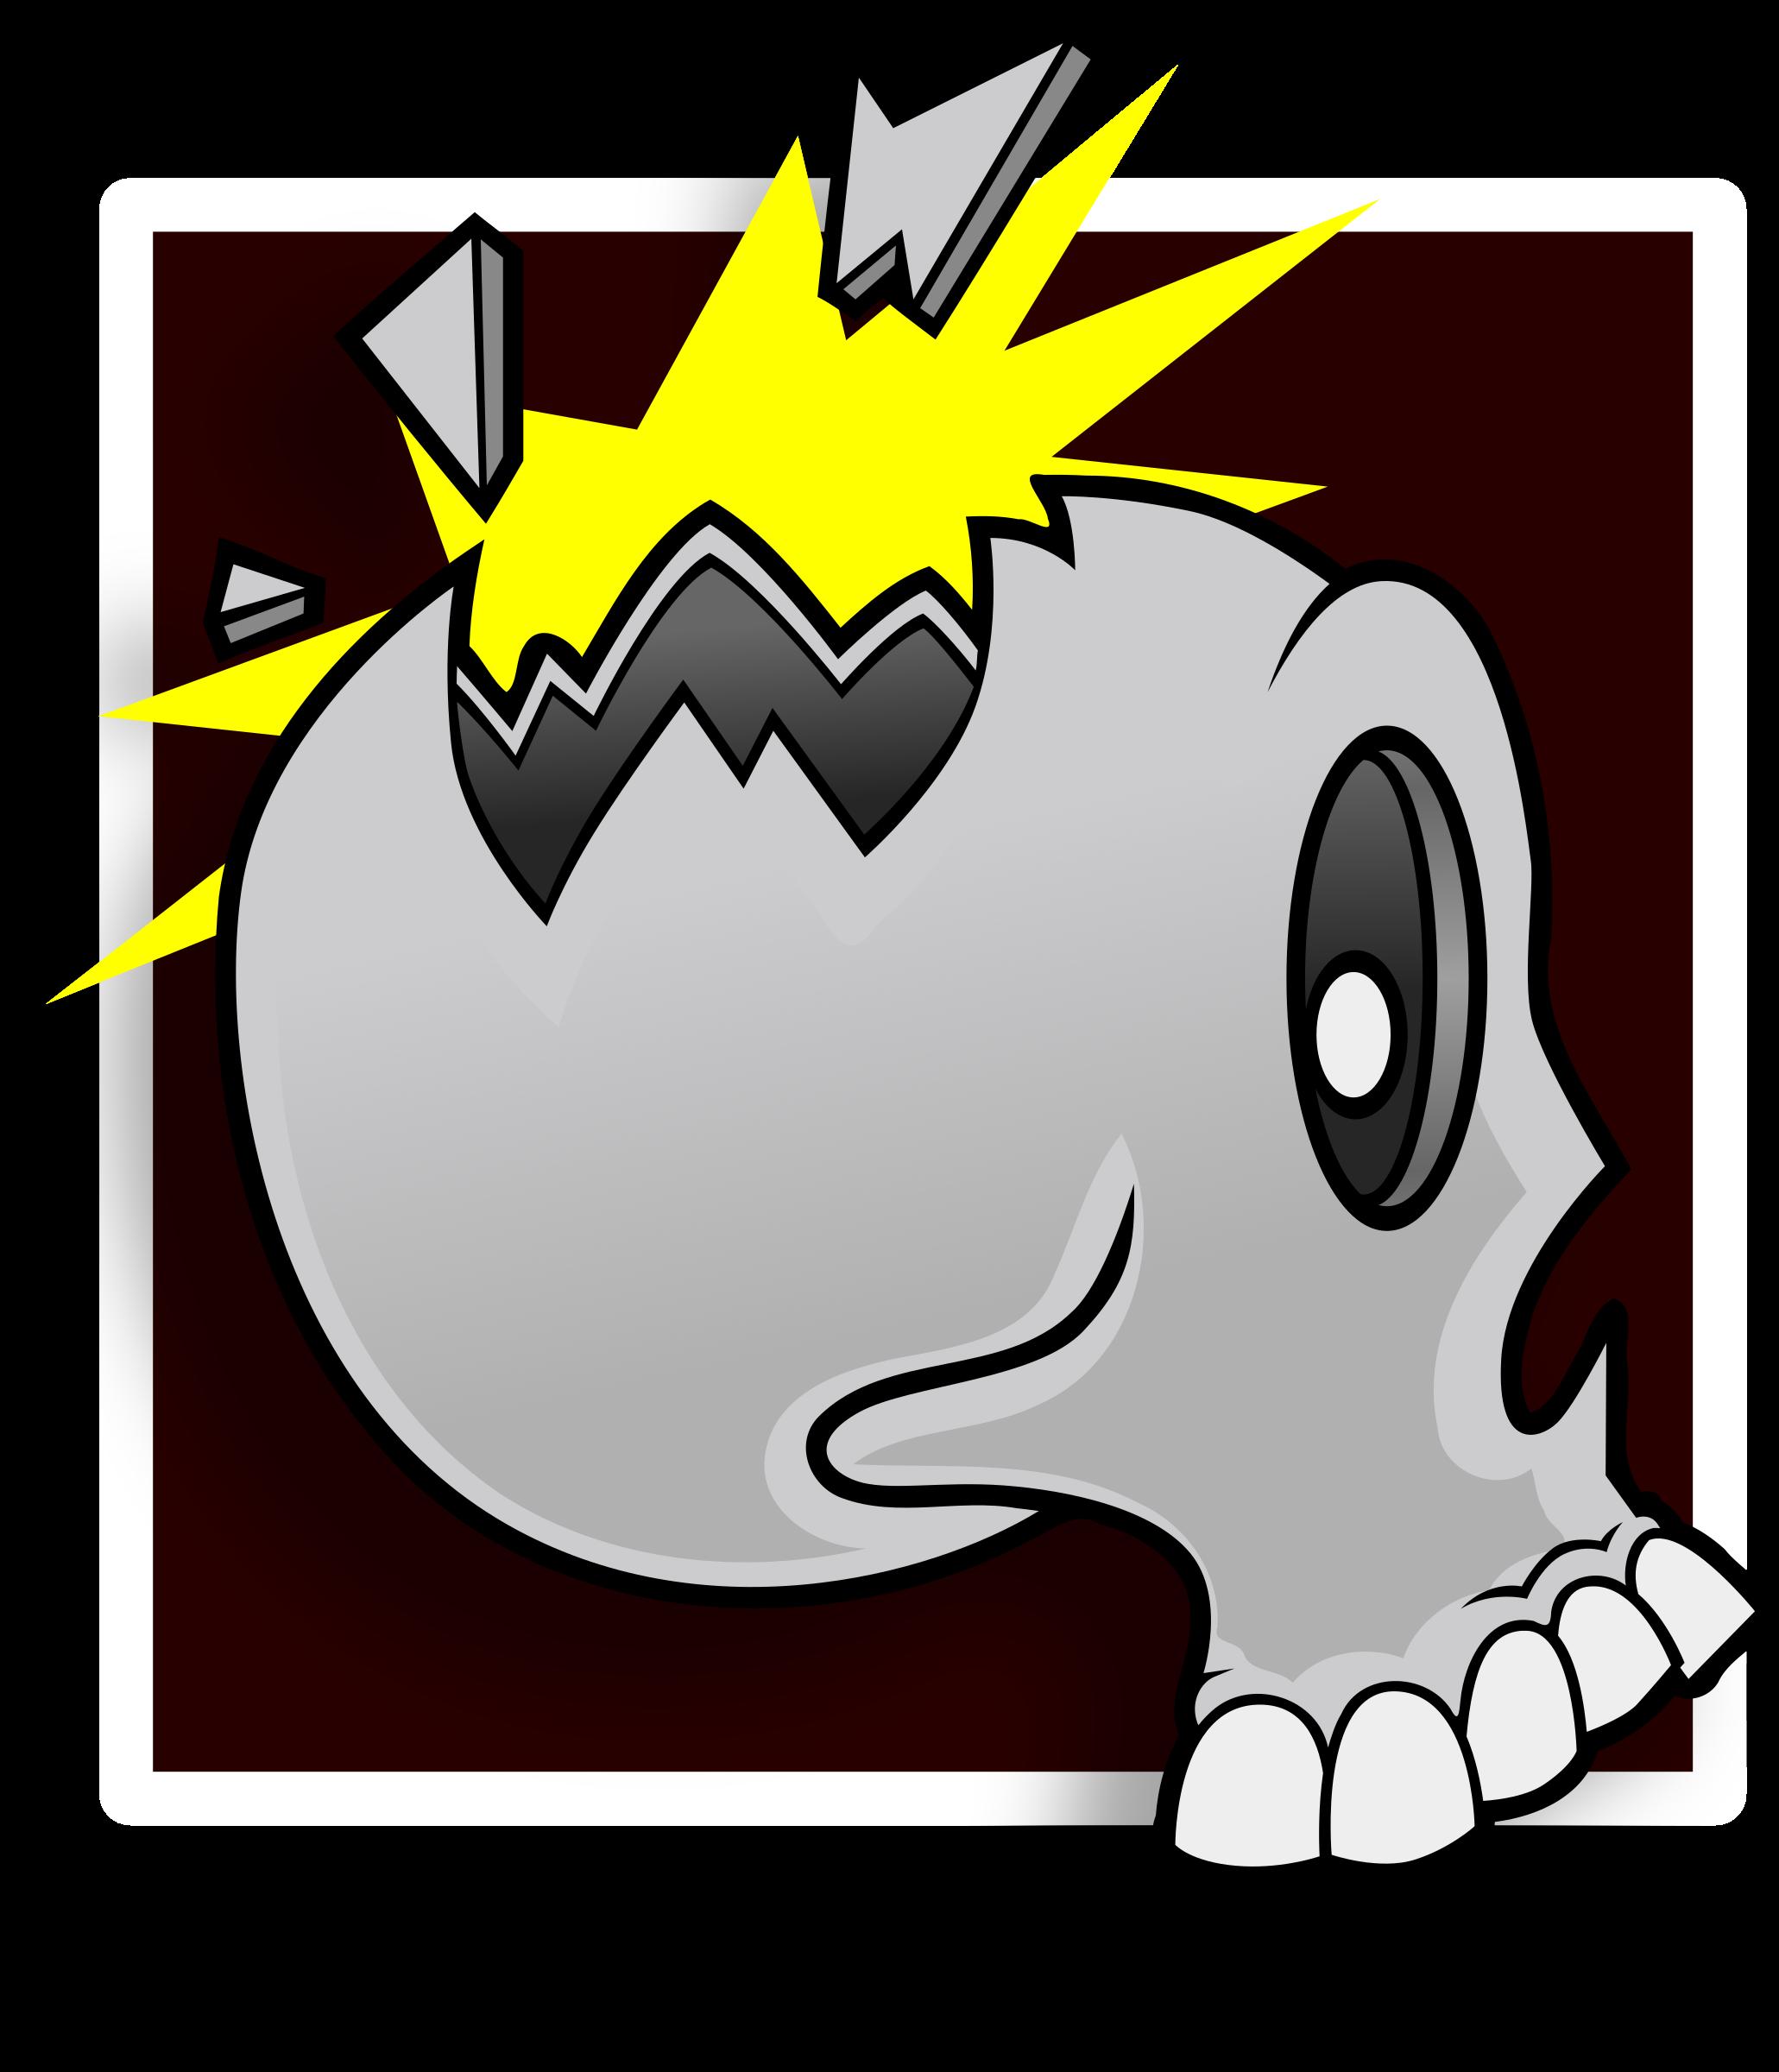 clipart stock Skull avatar big image. Broken clipart